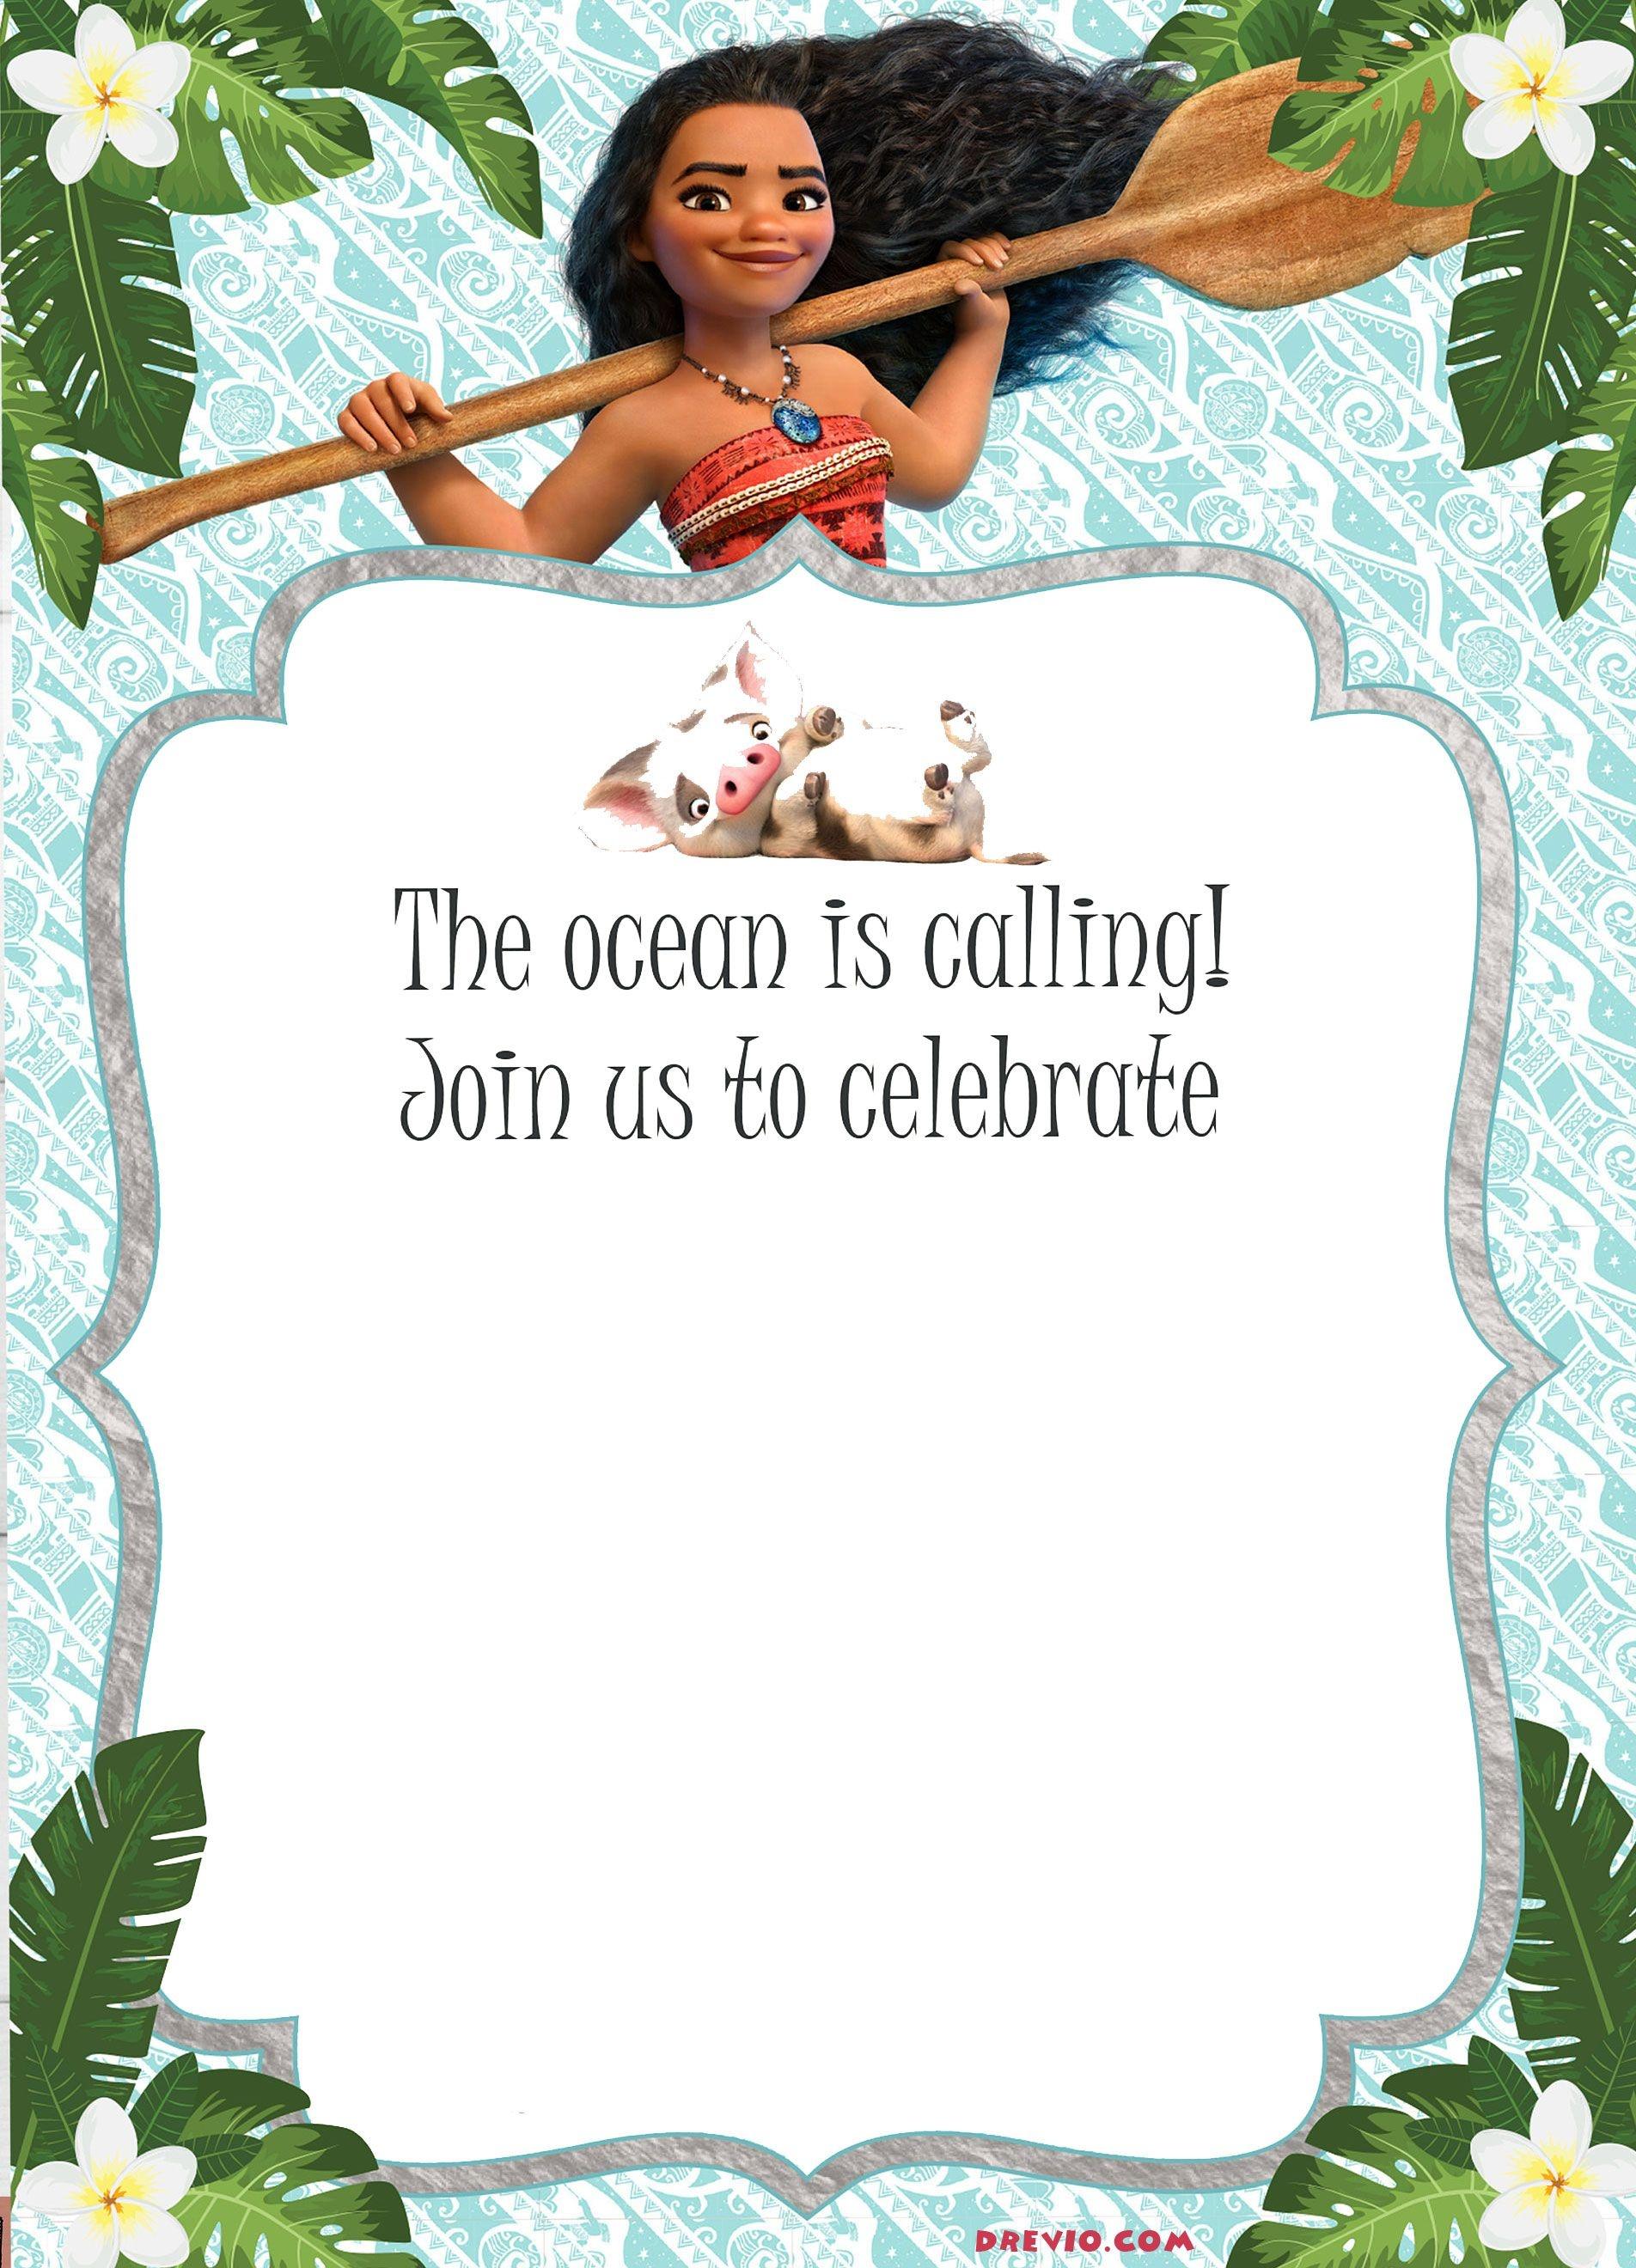 Free Moana Birthday Invitation Template | Moana / Luau Themed - Free Printable Moana Invitations